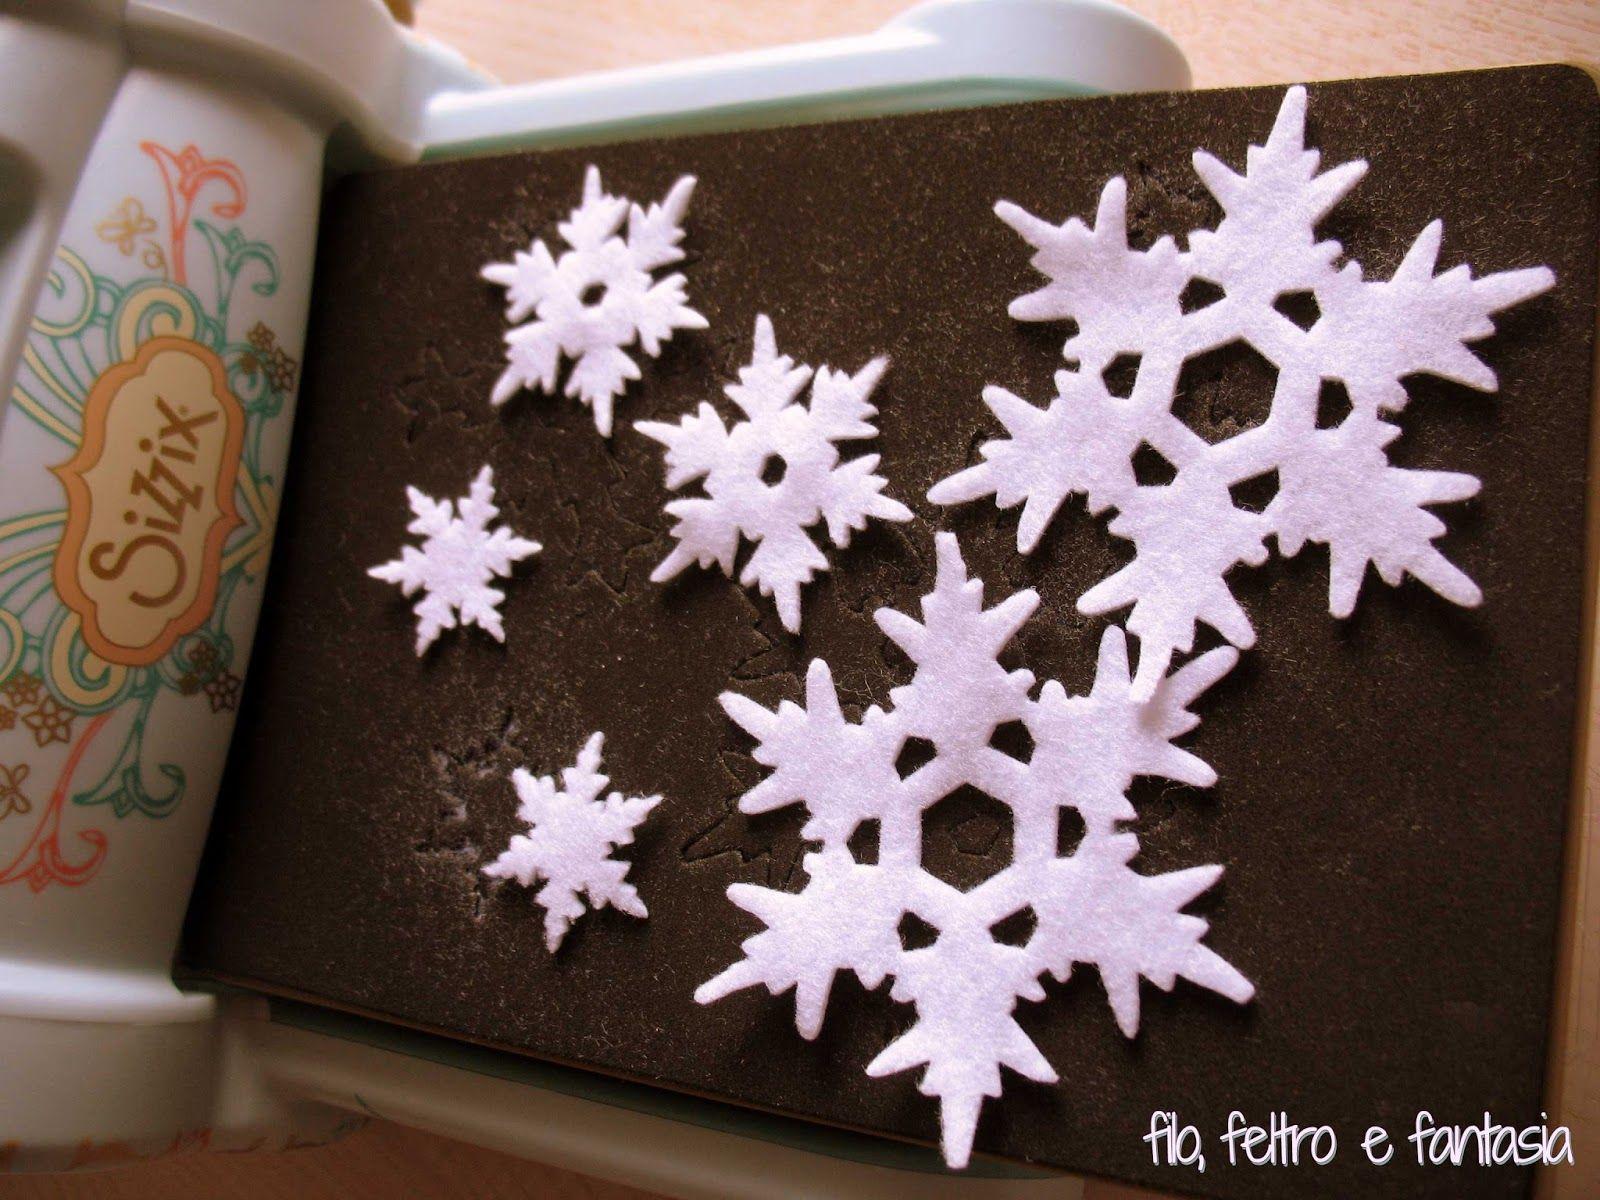 Photo of 20 giorni a Natale: le pantofole e i fiocchi di neve!